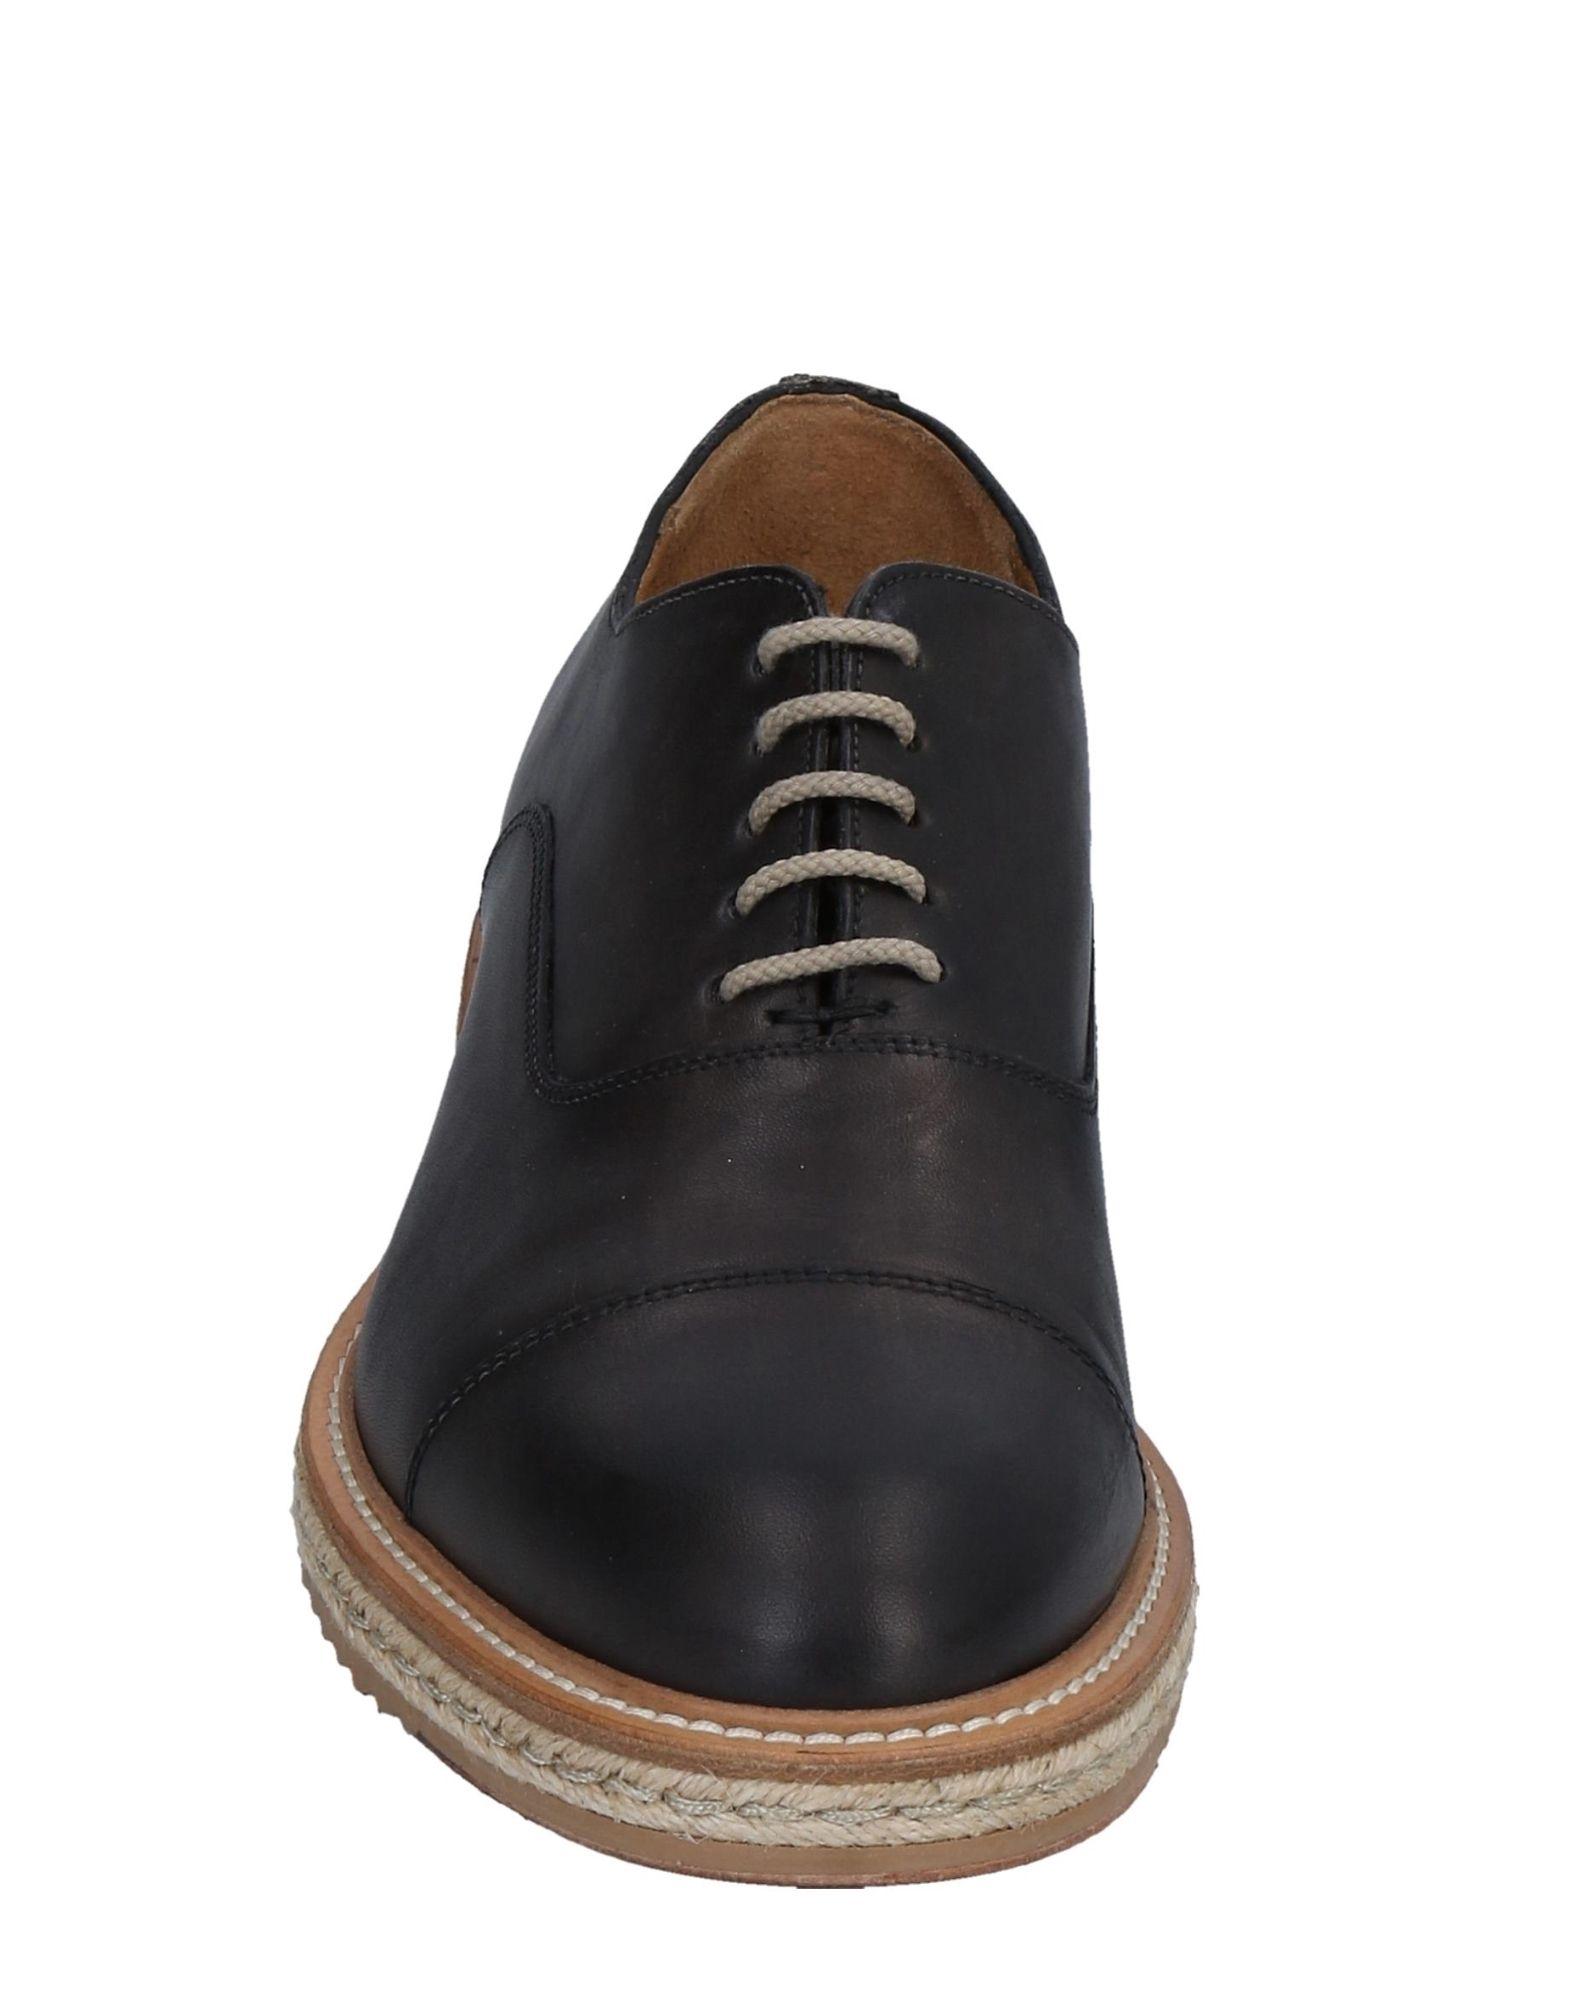 ... Rabatt echte Schuhe Herren Brecos Schnürschuhe Herren Schuhe 11520197SC  2da4da b92dee4c70